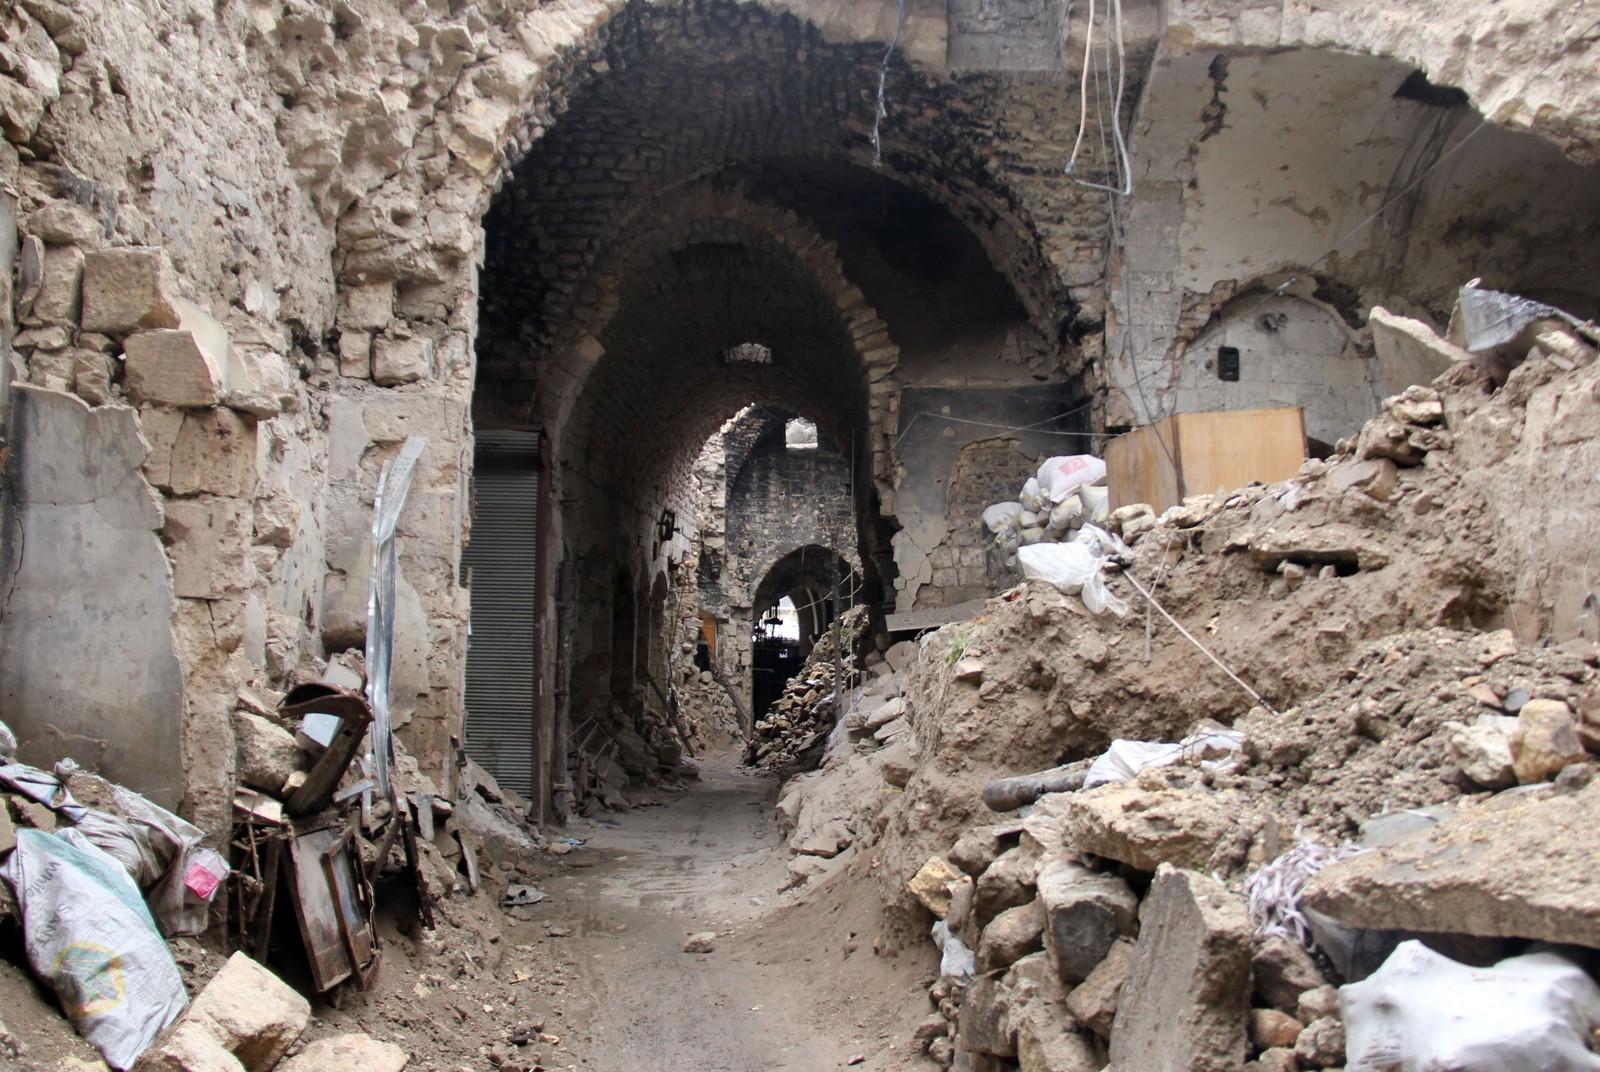 En av de mange smale gatene av markedsområdet i gamle Aleppo er svært skadet av krigen.